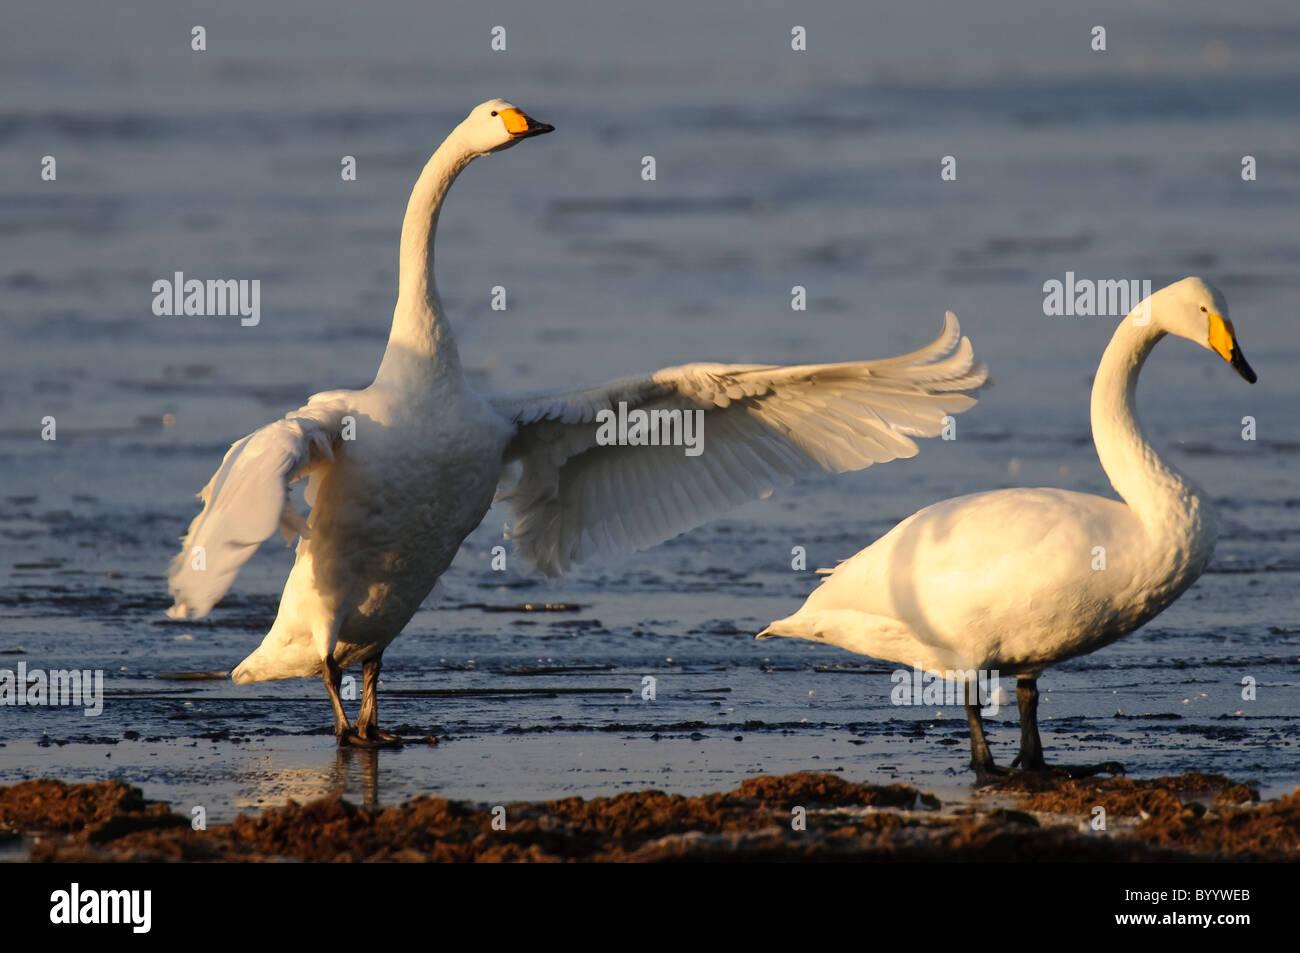 Singschwan (Cygnus cygnus) Rastvogel, Schwan, Singschwan, Tier, Voegel, Vogel, Whooper Swan, Winter, Zugvogel - Stock Image